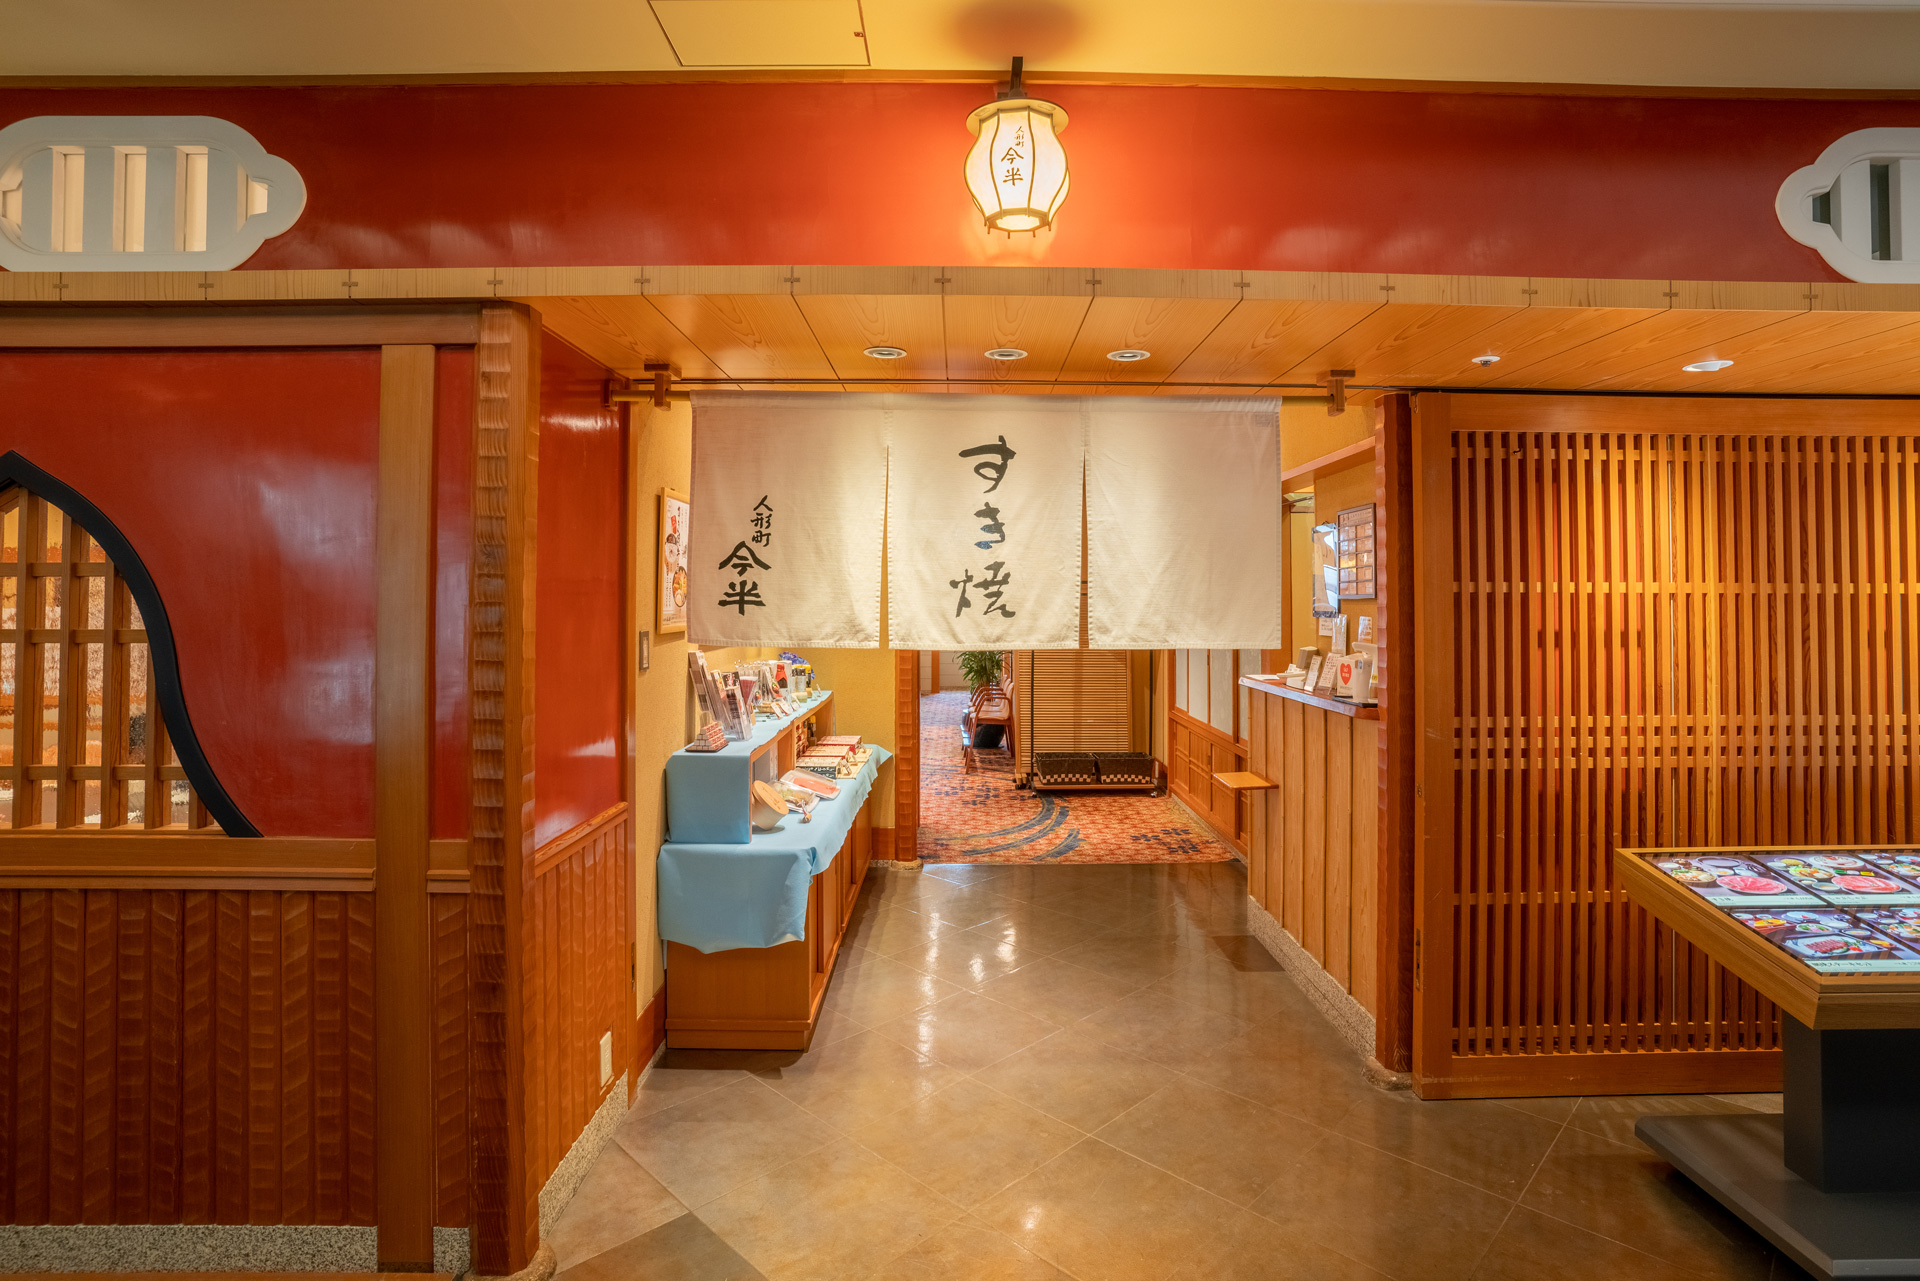 JR博多シティ店